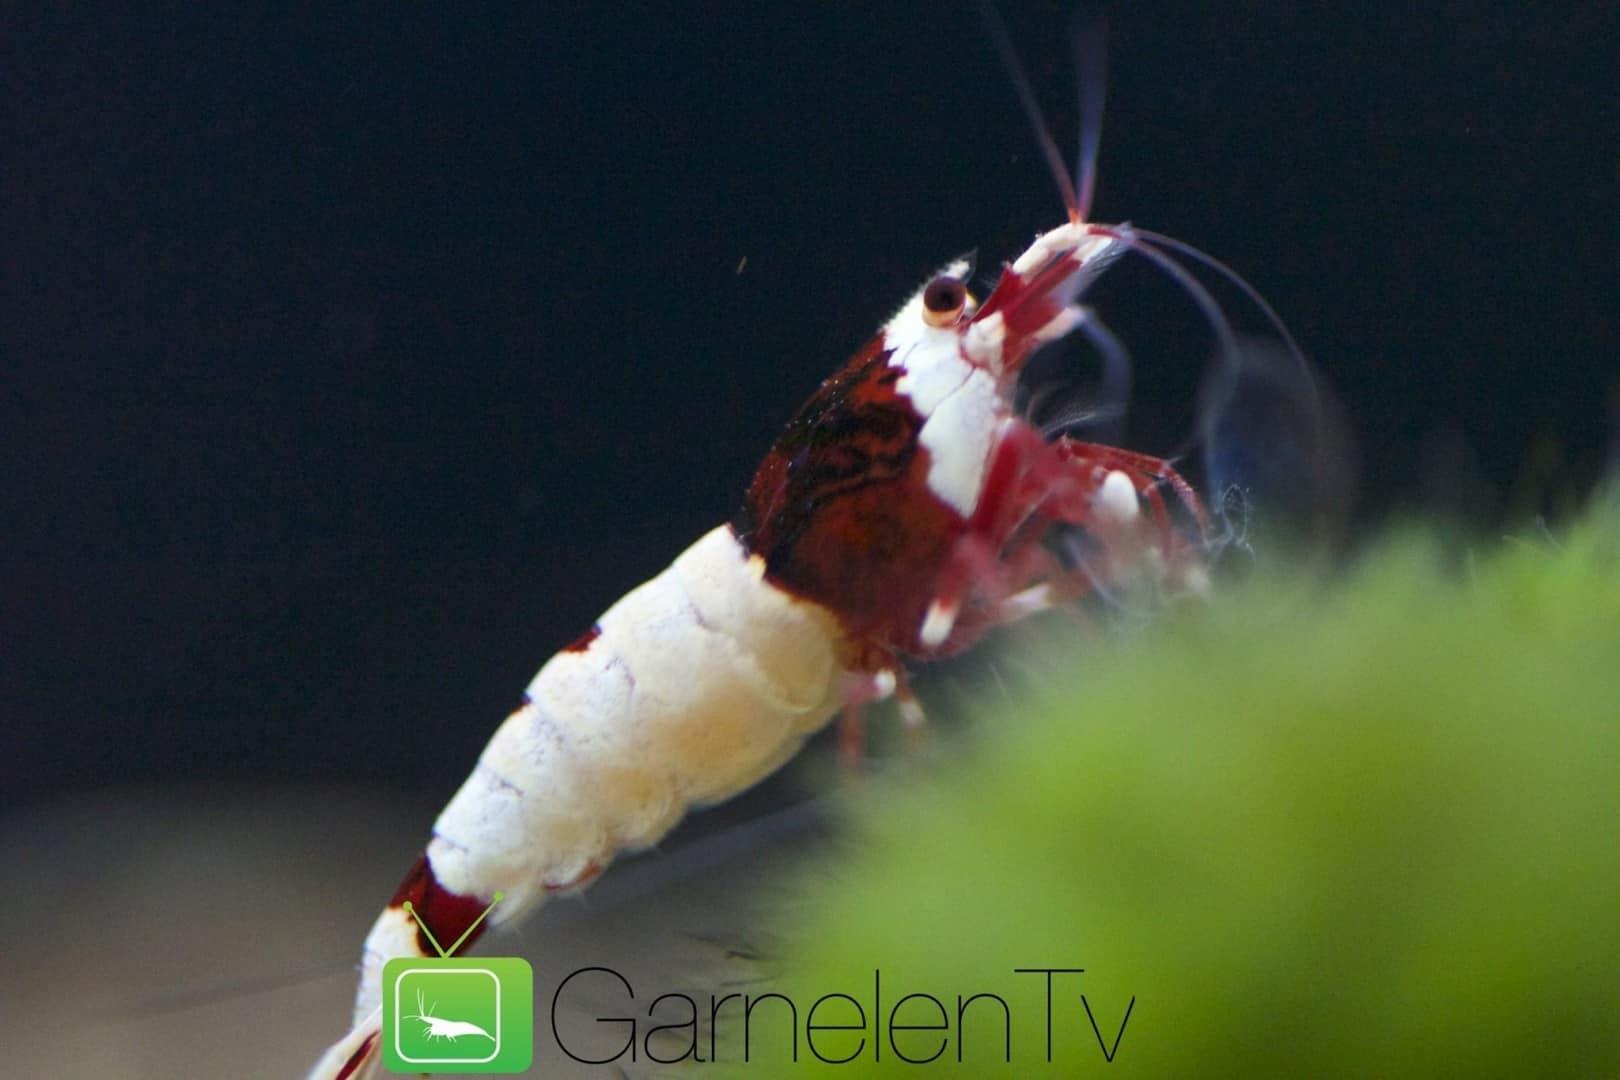 262: Garnelen im Aquarium halten - So machst du deinen Filter garnelensicher 14